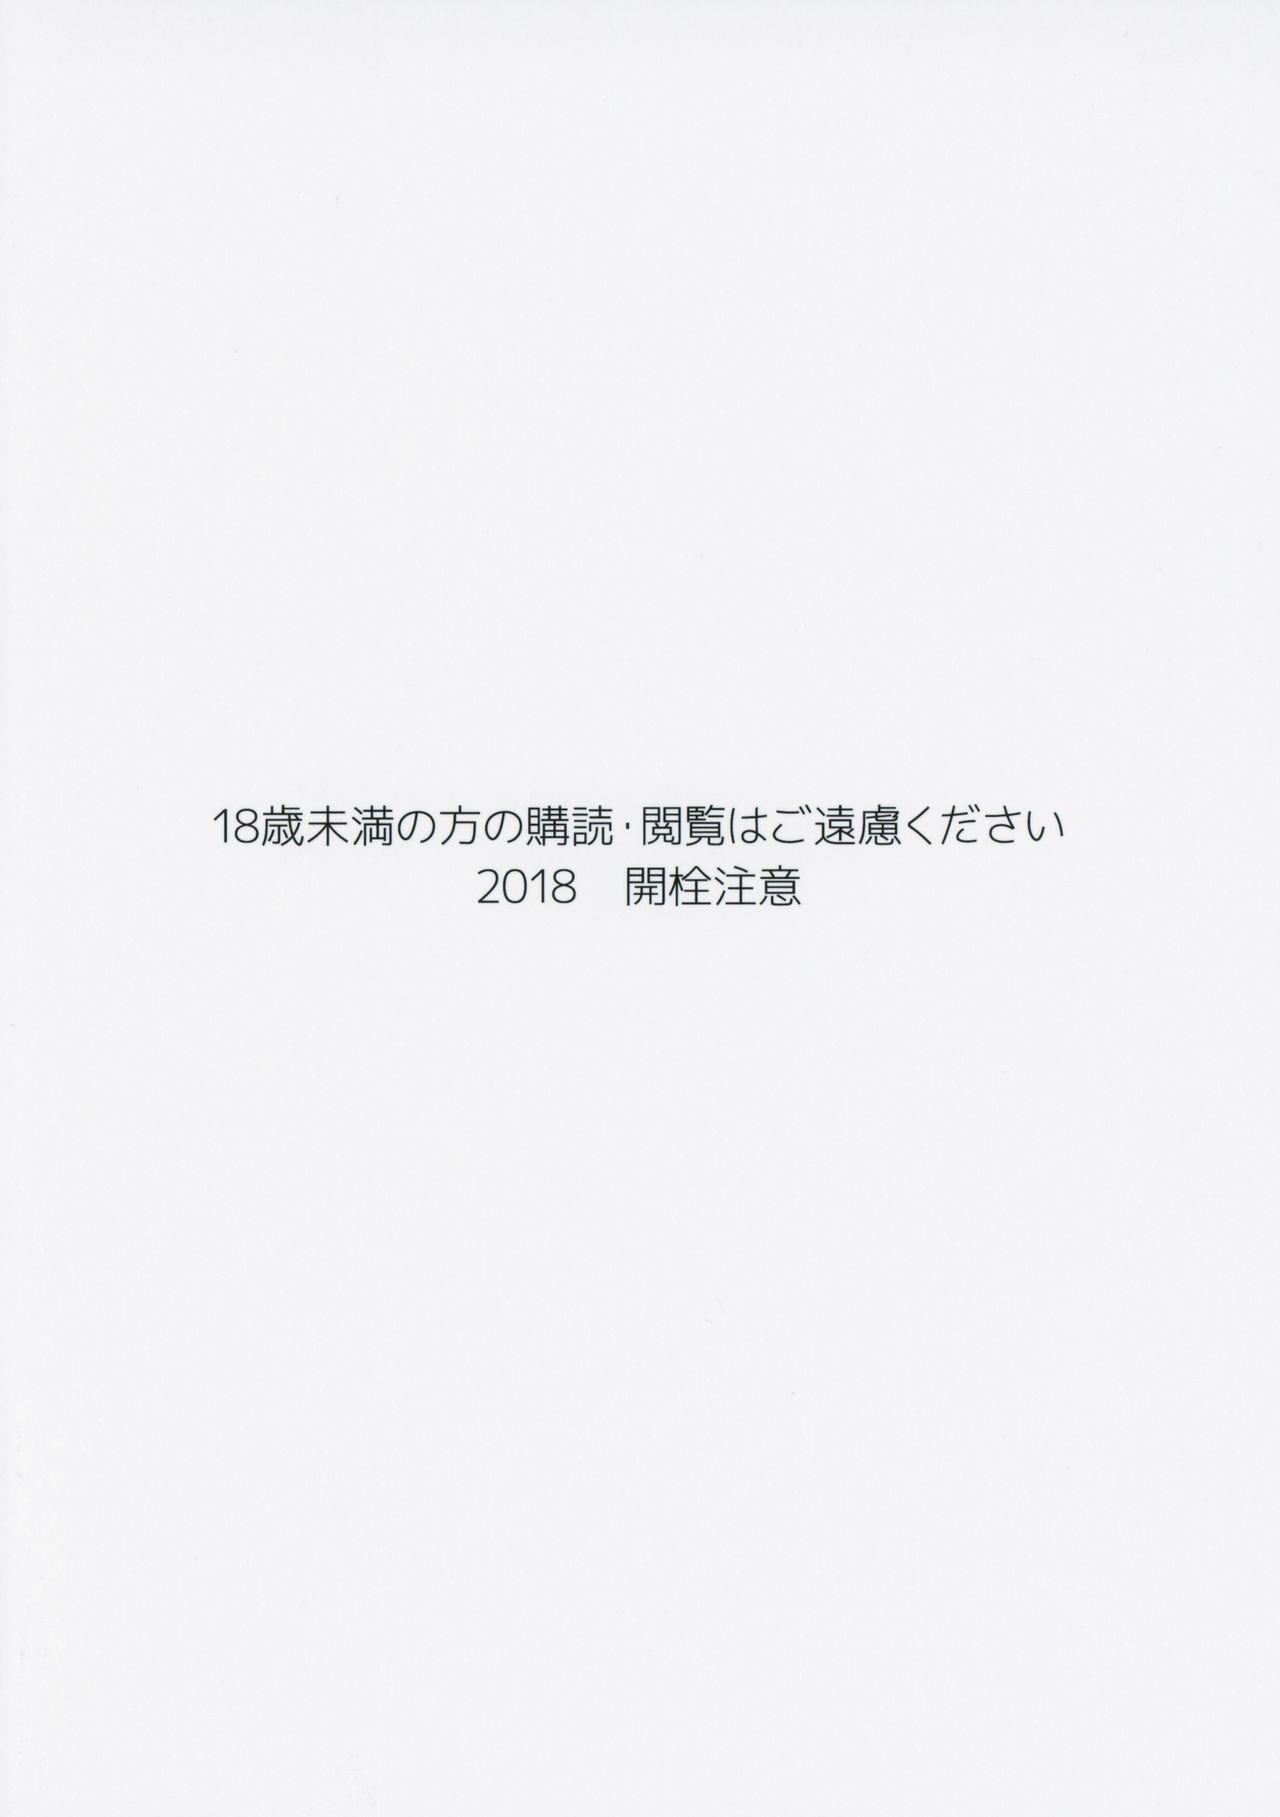 Shinjin Teitoku Tokubetsu Shori Tantoukan Kyoudou Gakari Kashima-san 21